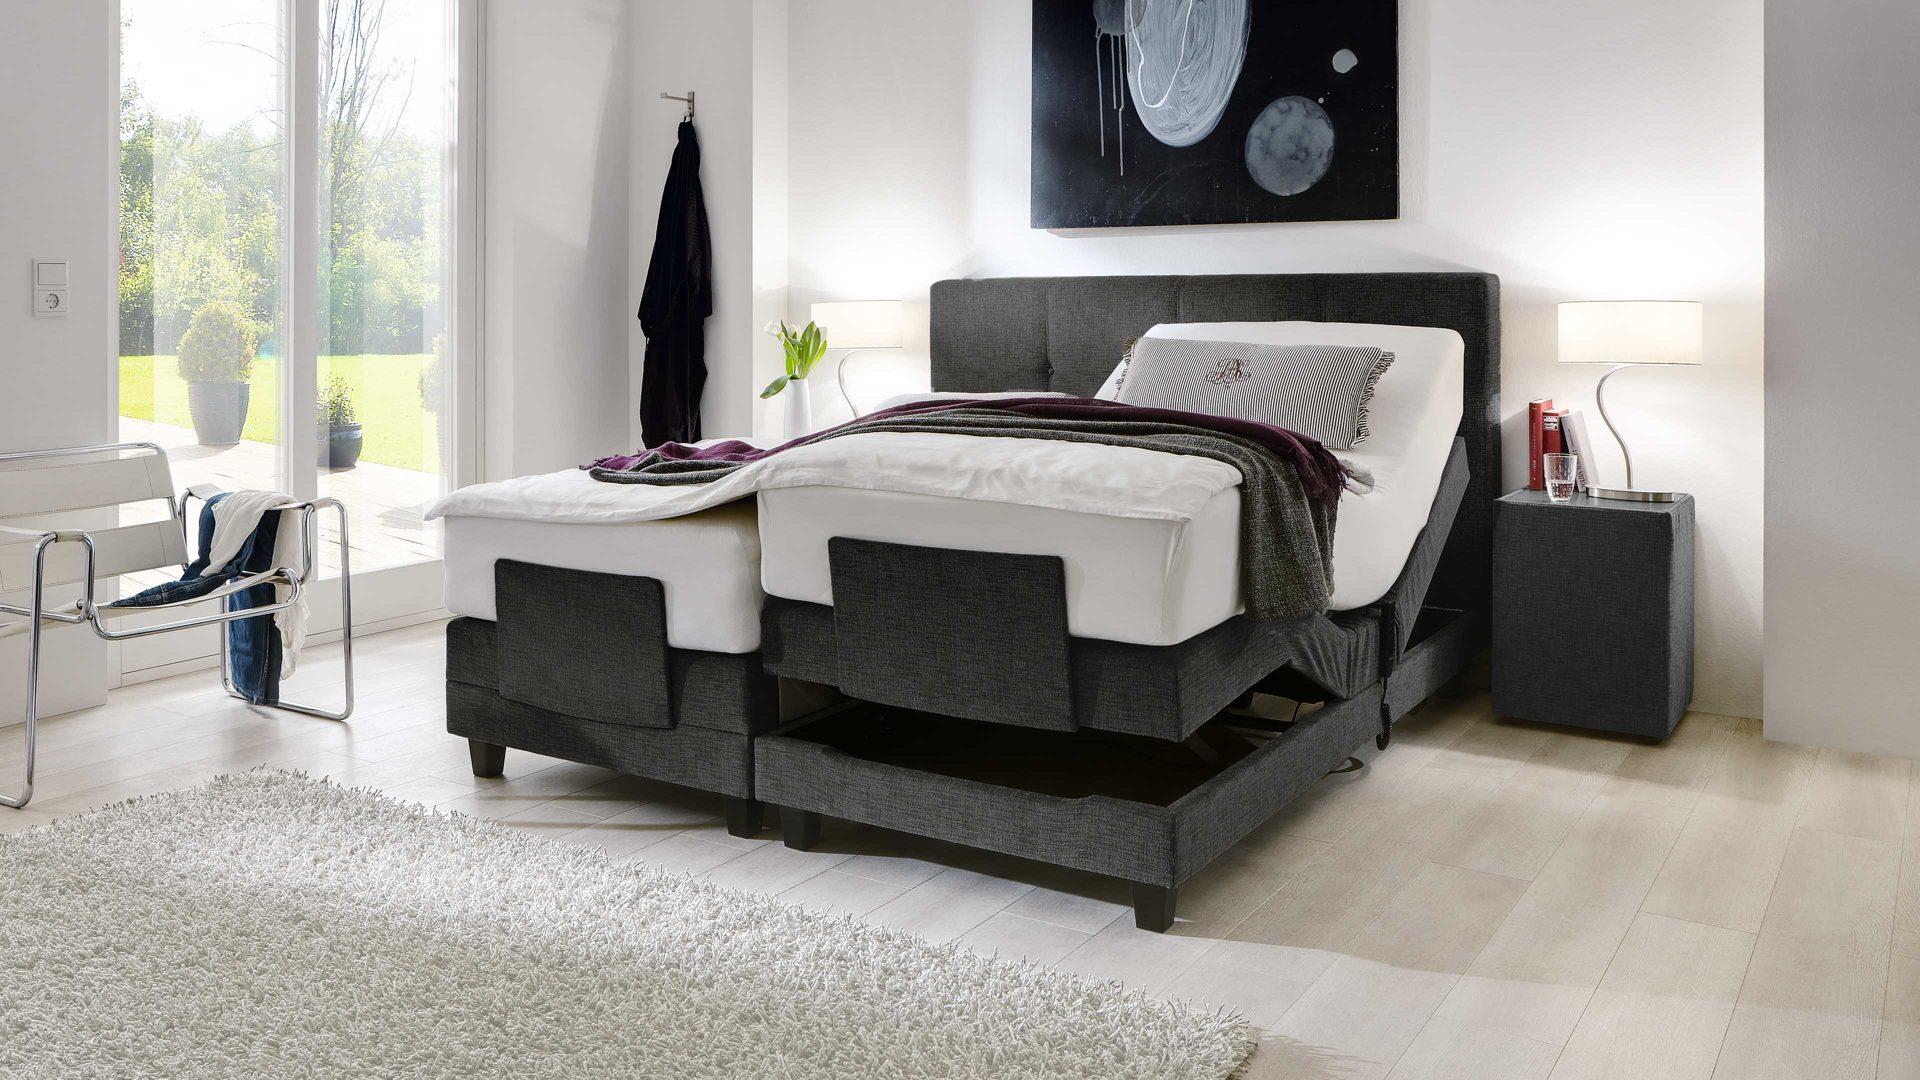 möbel bohn crailsheim | räume | schlafzimmer | boxspringbetten, Wohnzimmer dekoo